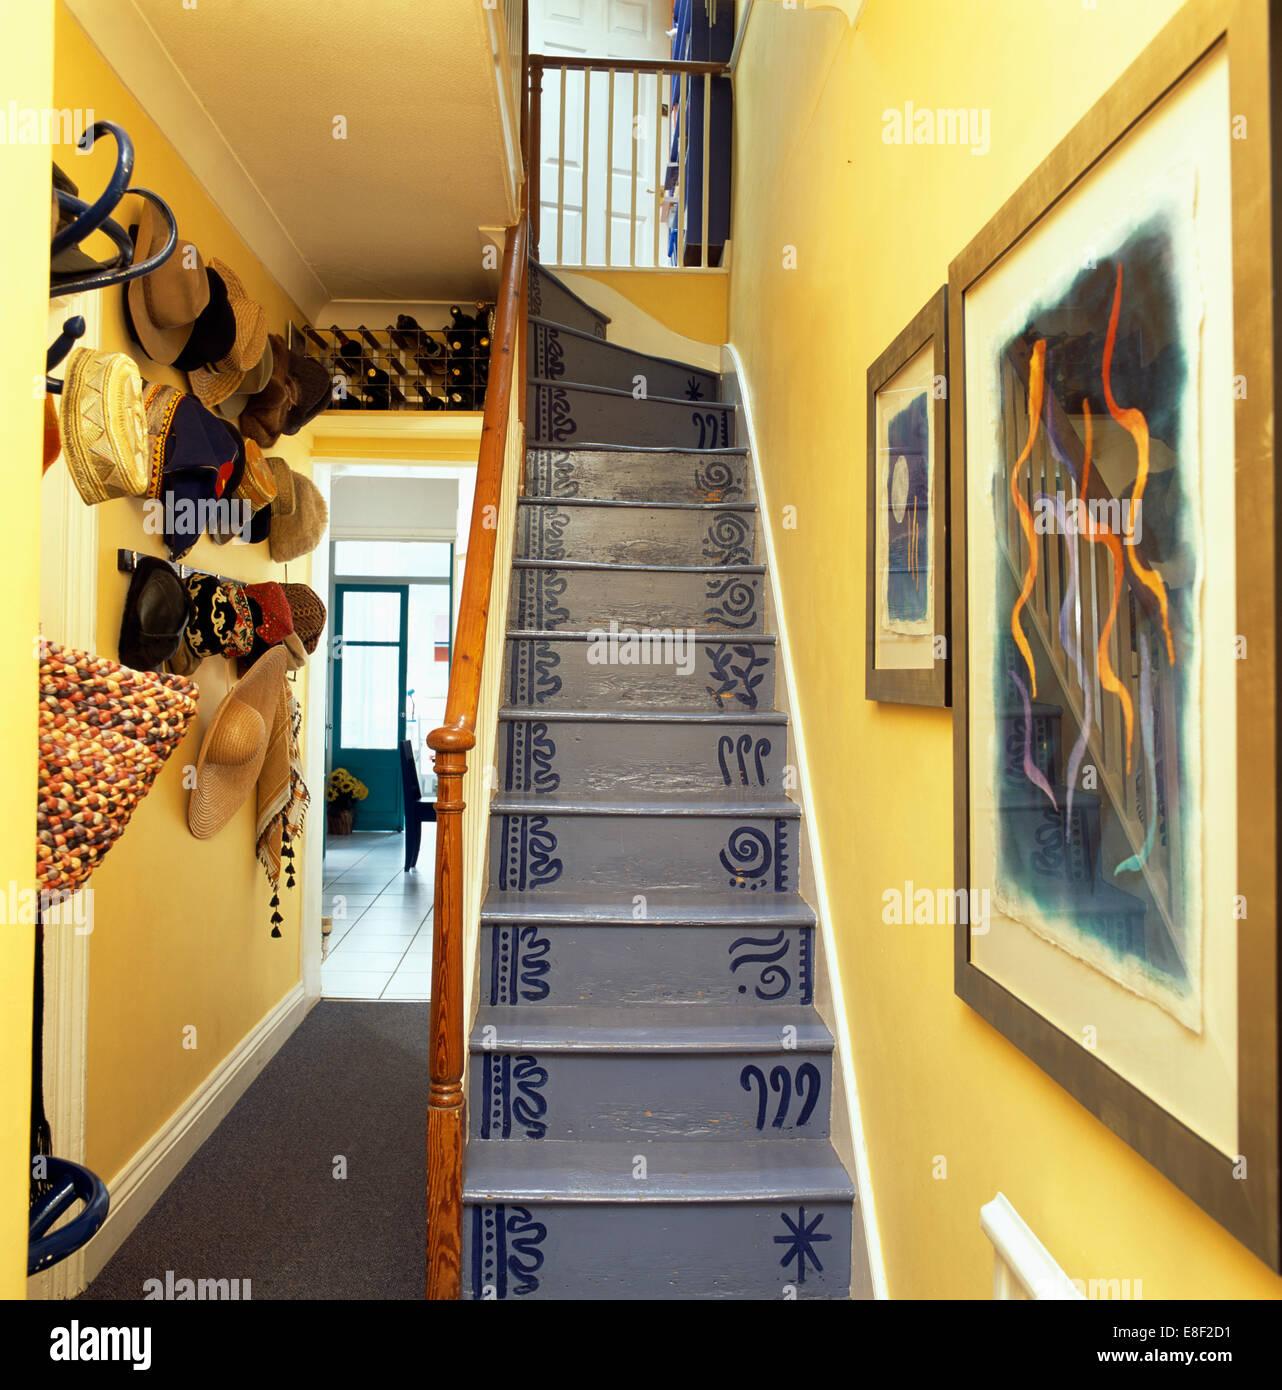 Mano escalera de madera pintada de gris en sala amarilla con una colección  de sombreros en 0cbdcc8f8e2